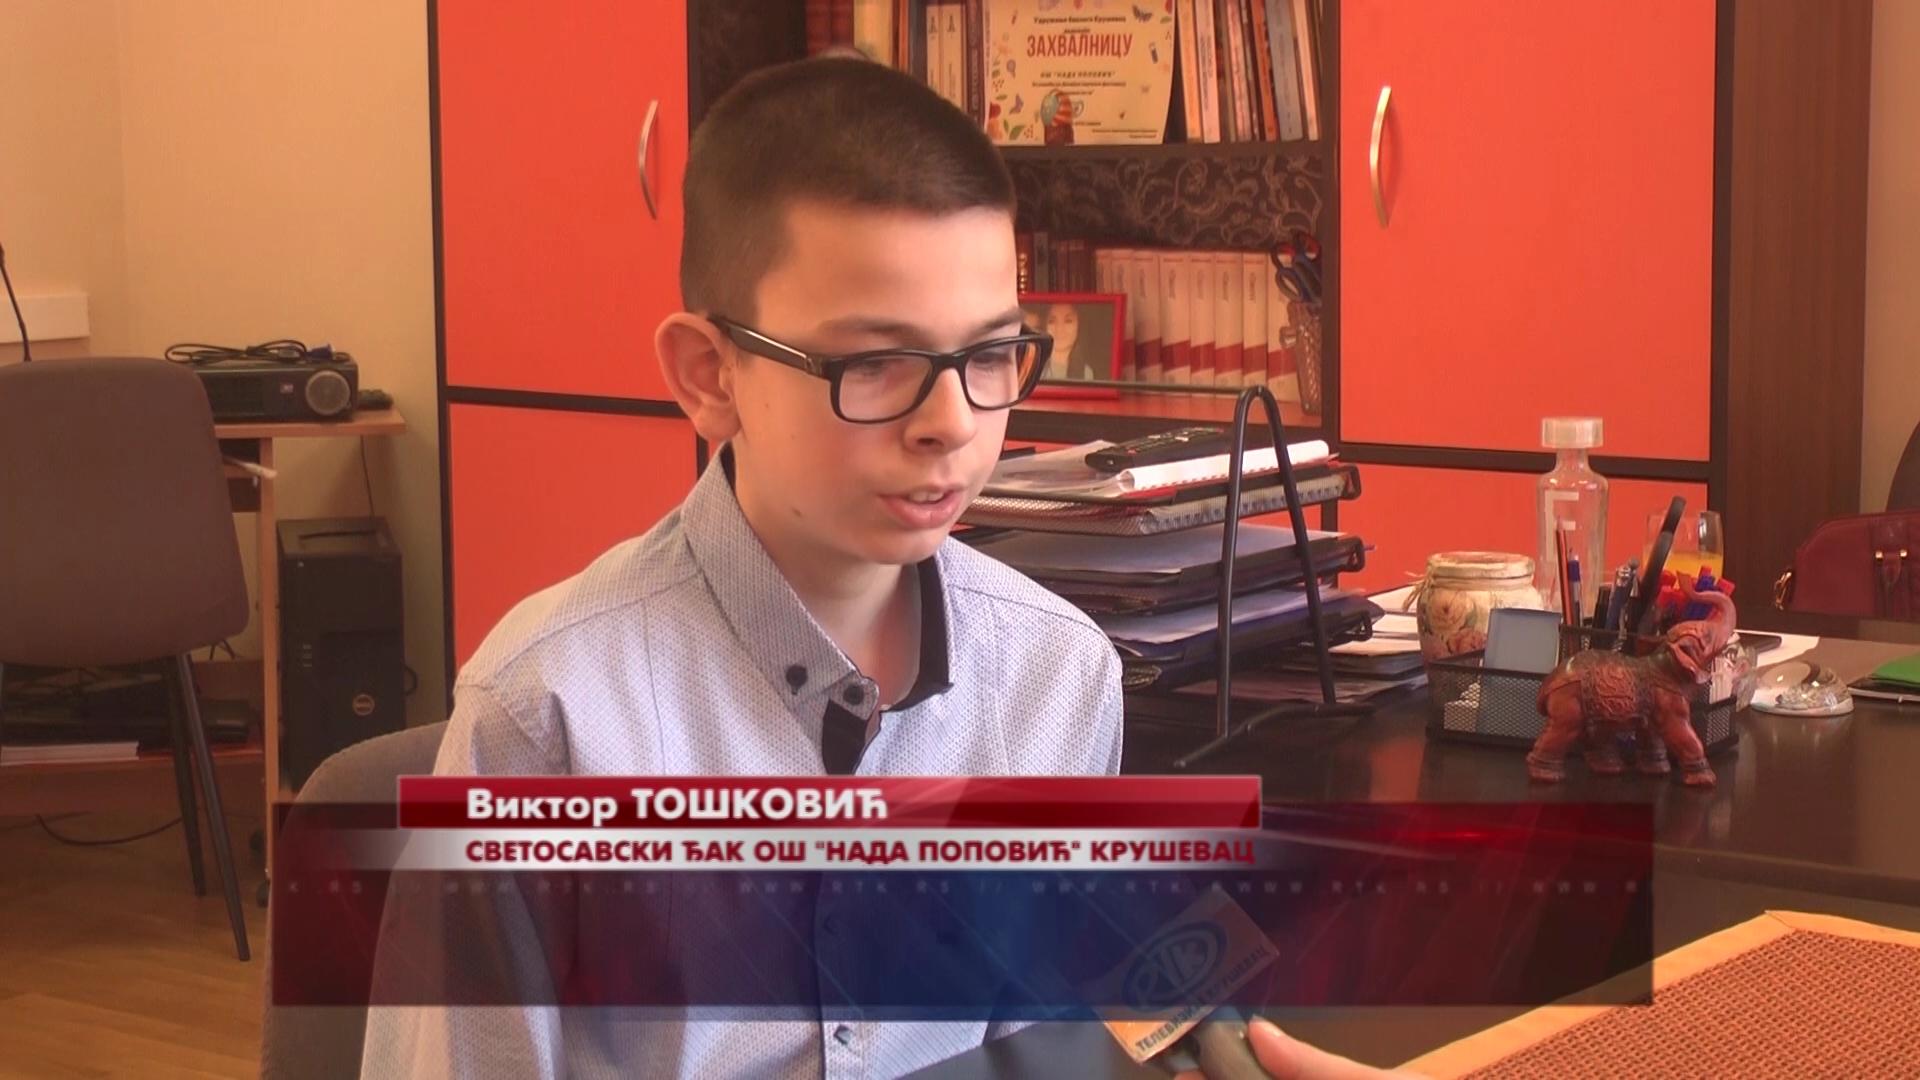 """Viktor Tošković, Svetosavski djak Osnovne škole """"Nada Popović"""" u Kruševcu"""